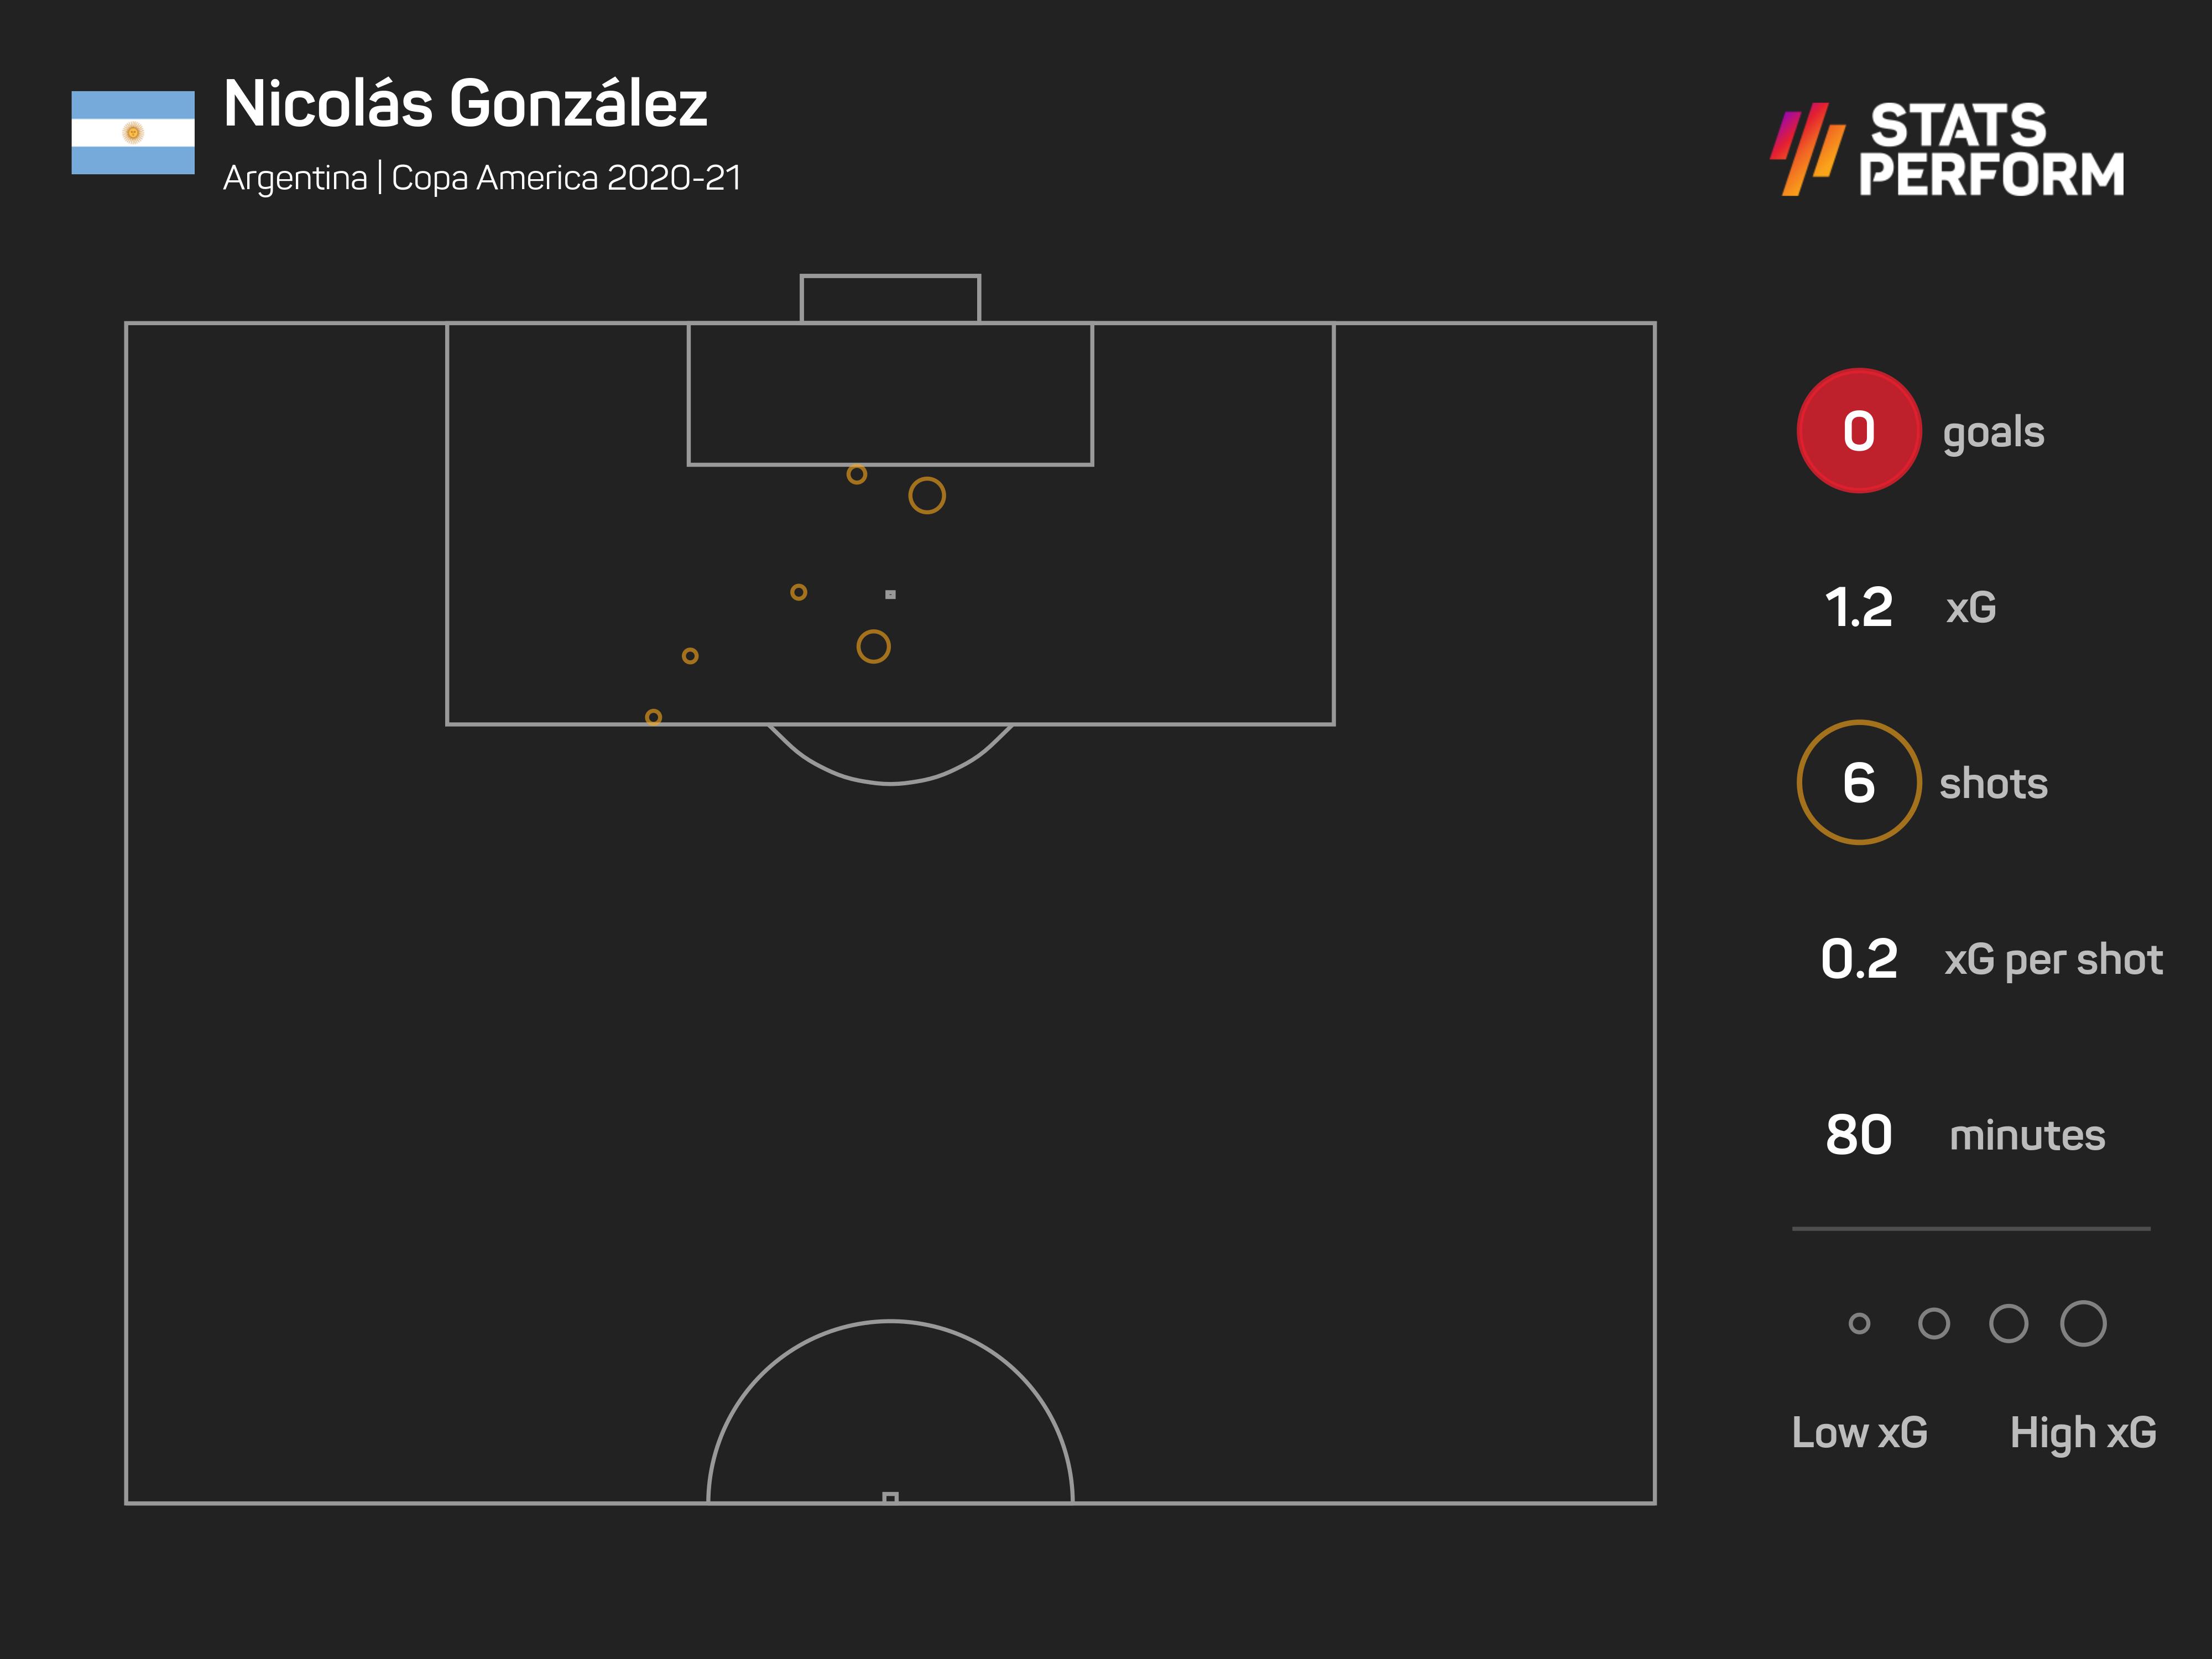 Nicolas Gonzalez was wasteful against Chile